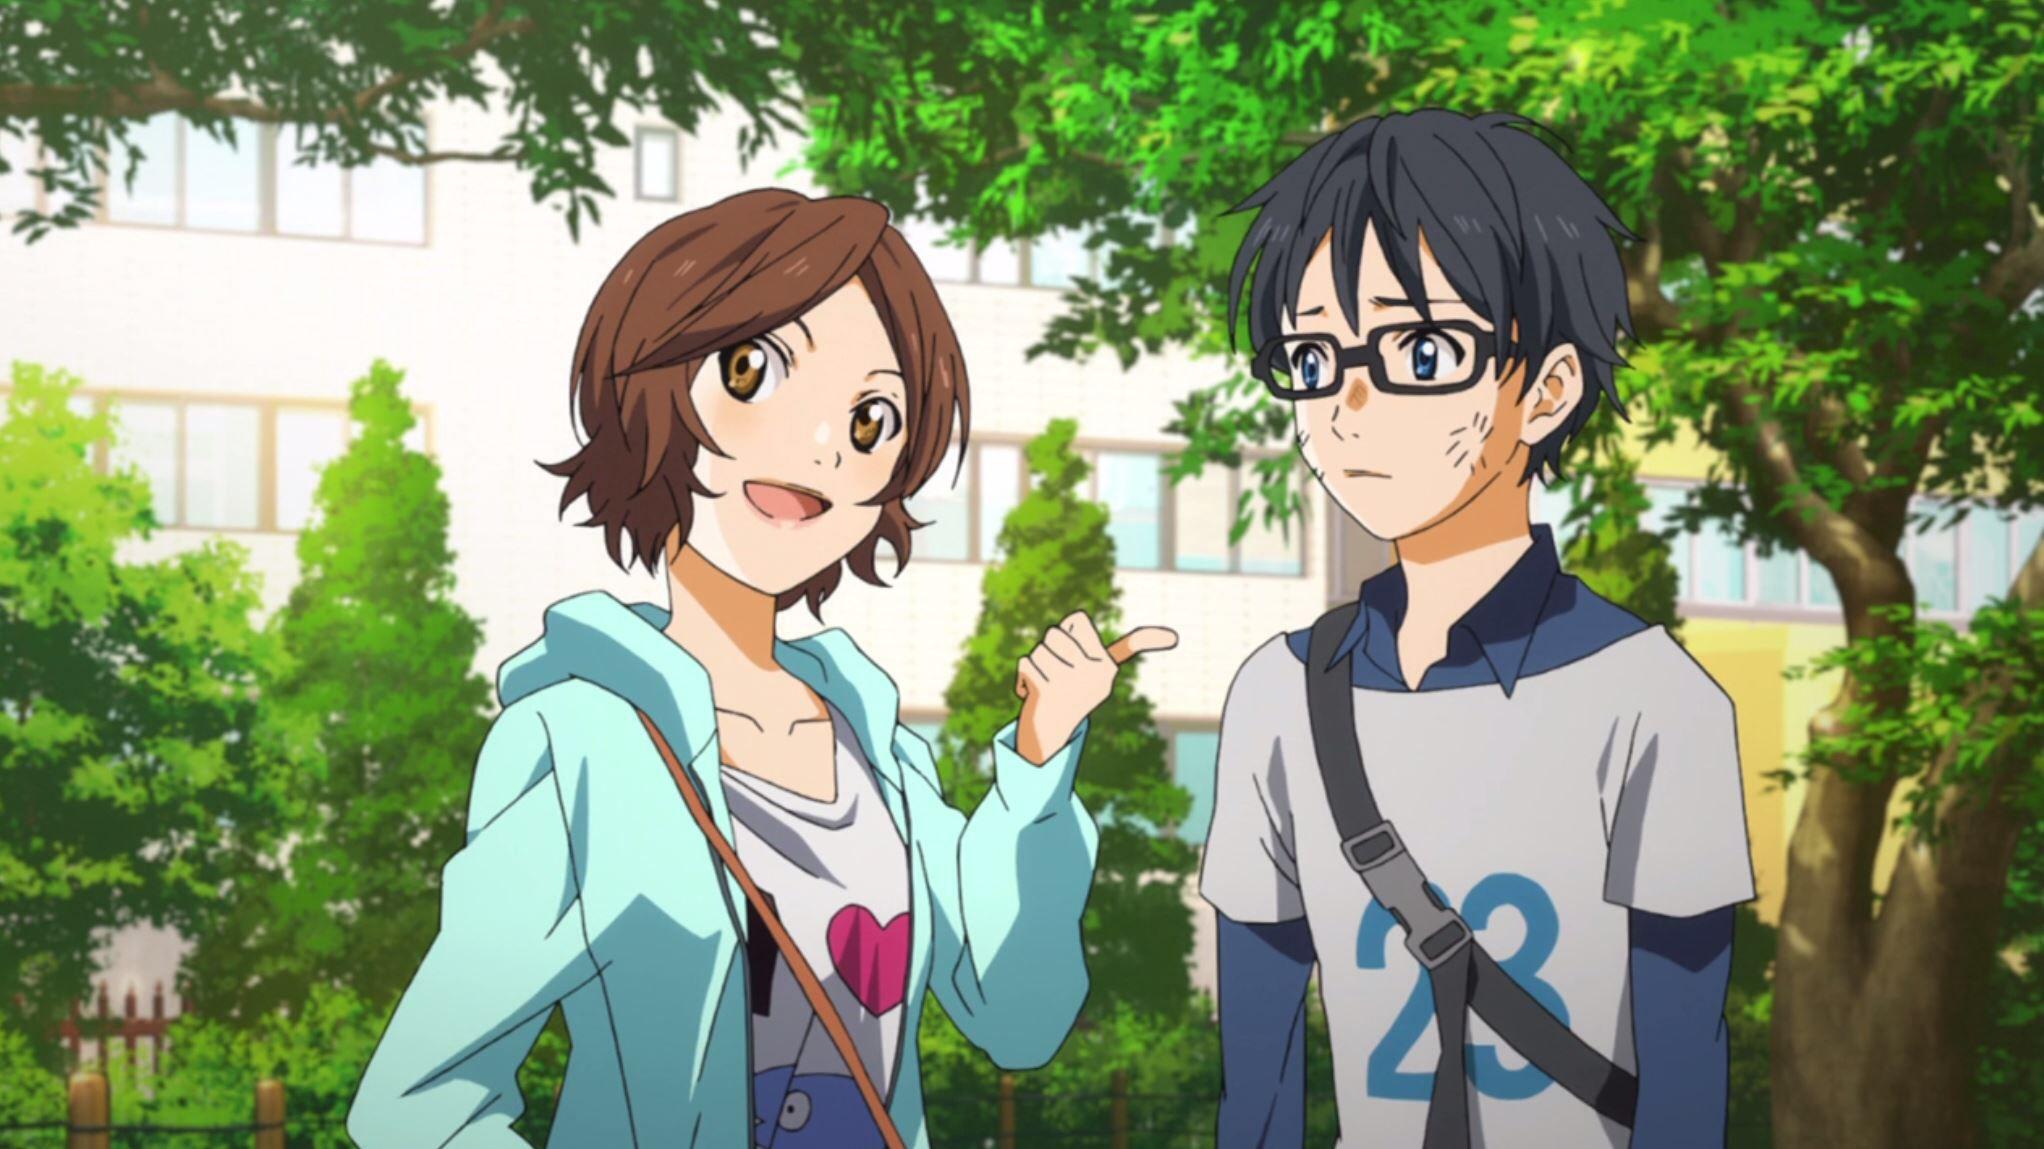 """""""First Impression"""" (EP 1) Tsubaki Sawabe and Kousei Arima"""